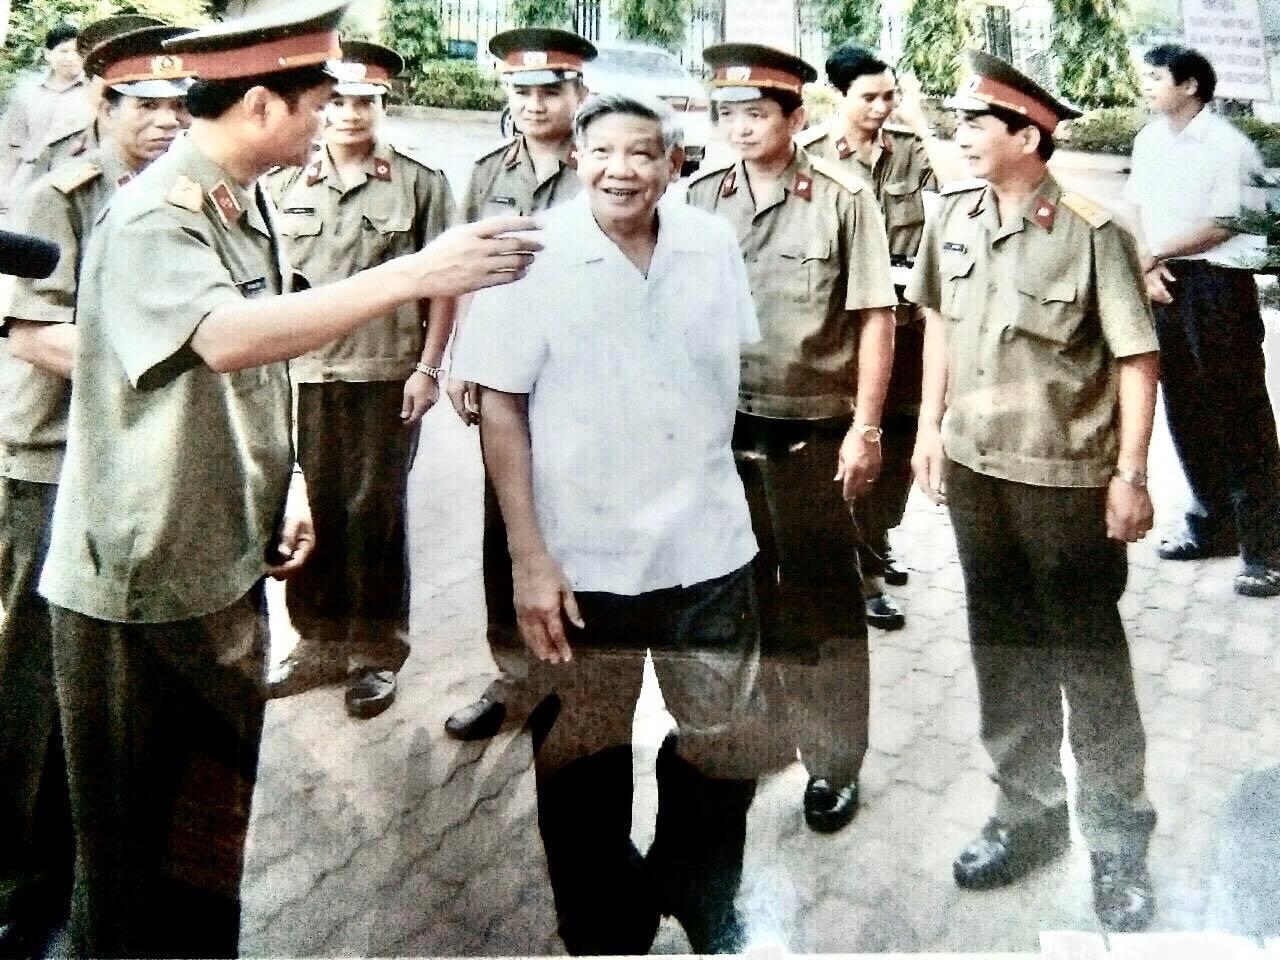 Vị Thiếu tướng và câu chuyện về món quà tặng nguyên Tổng Bí thư Lê Khả Phiêu - Ảnh 1.